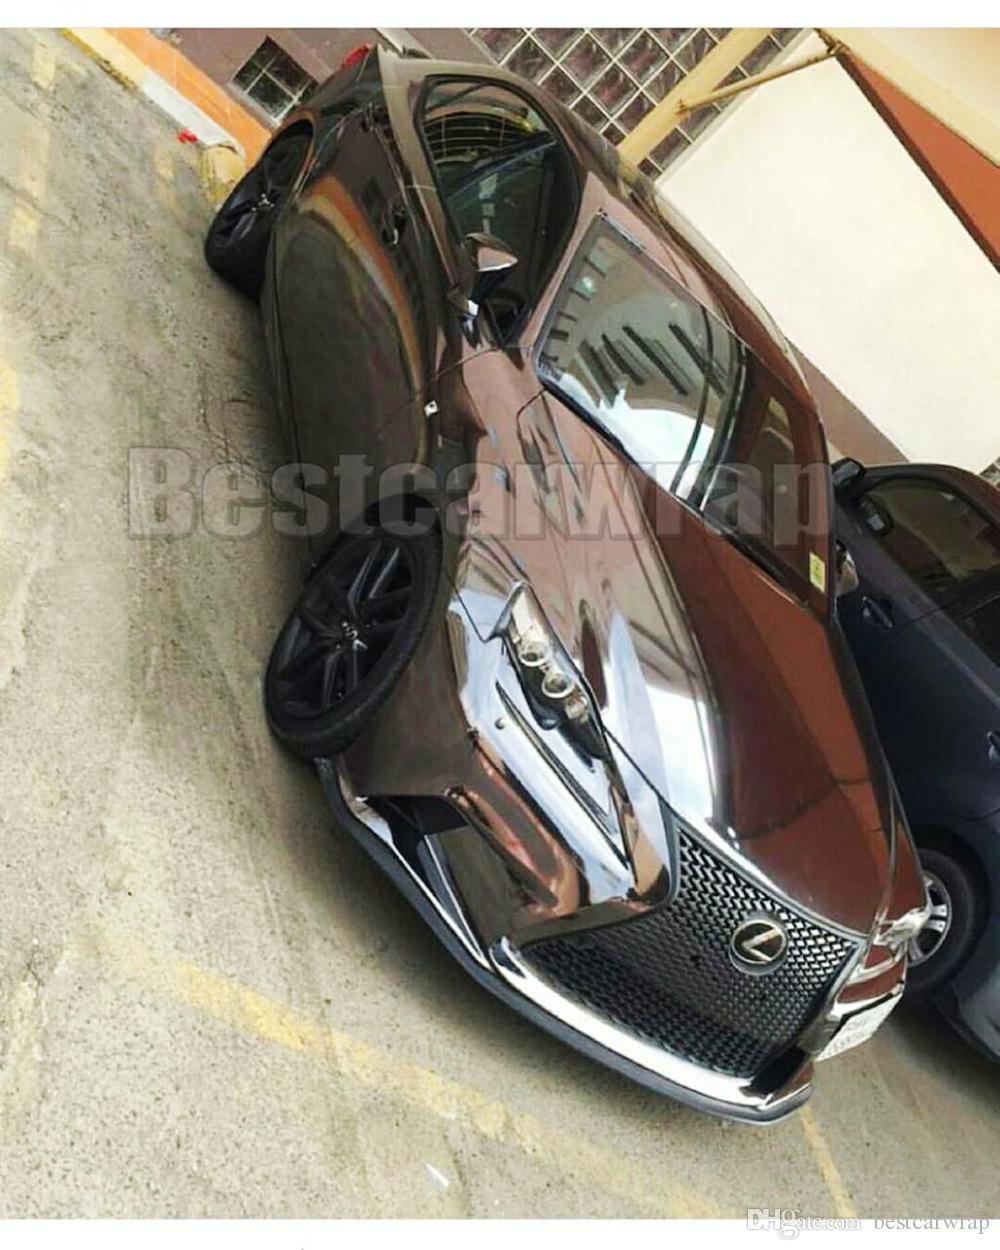 Alta estirable Black Chrome vinilo Wrap Chrome Mirror Foil para coche Wrap Air Bubble Free Size: 1.52 * 20M / Roll 5 pies x 65 pies